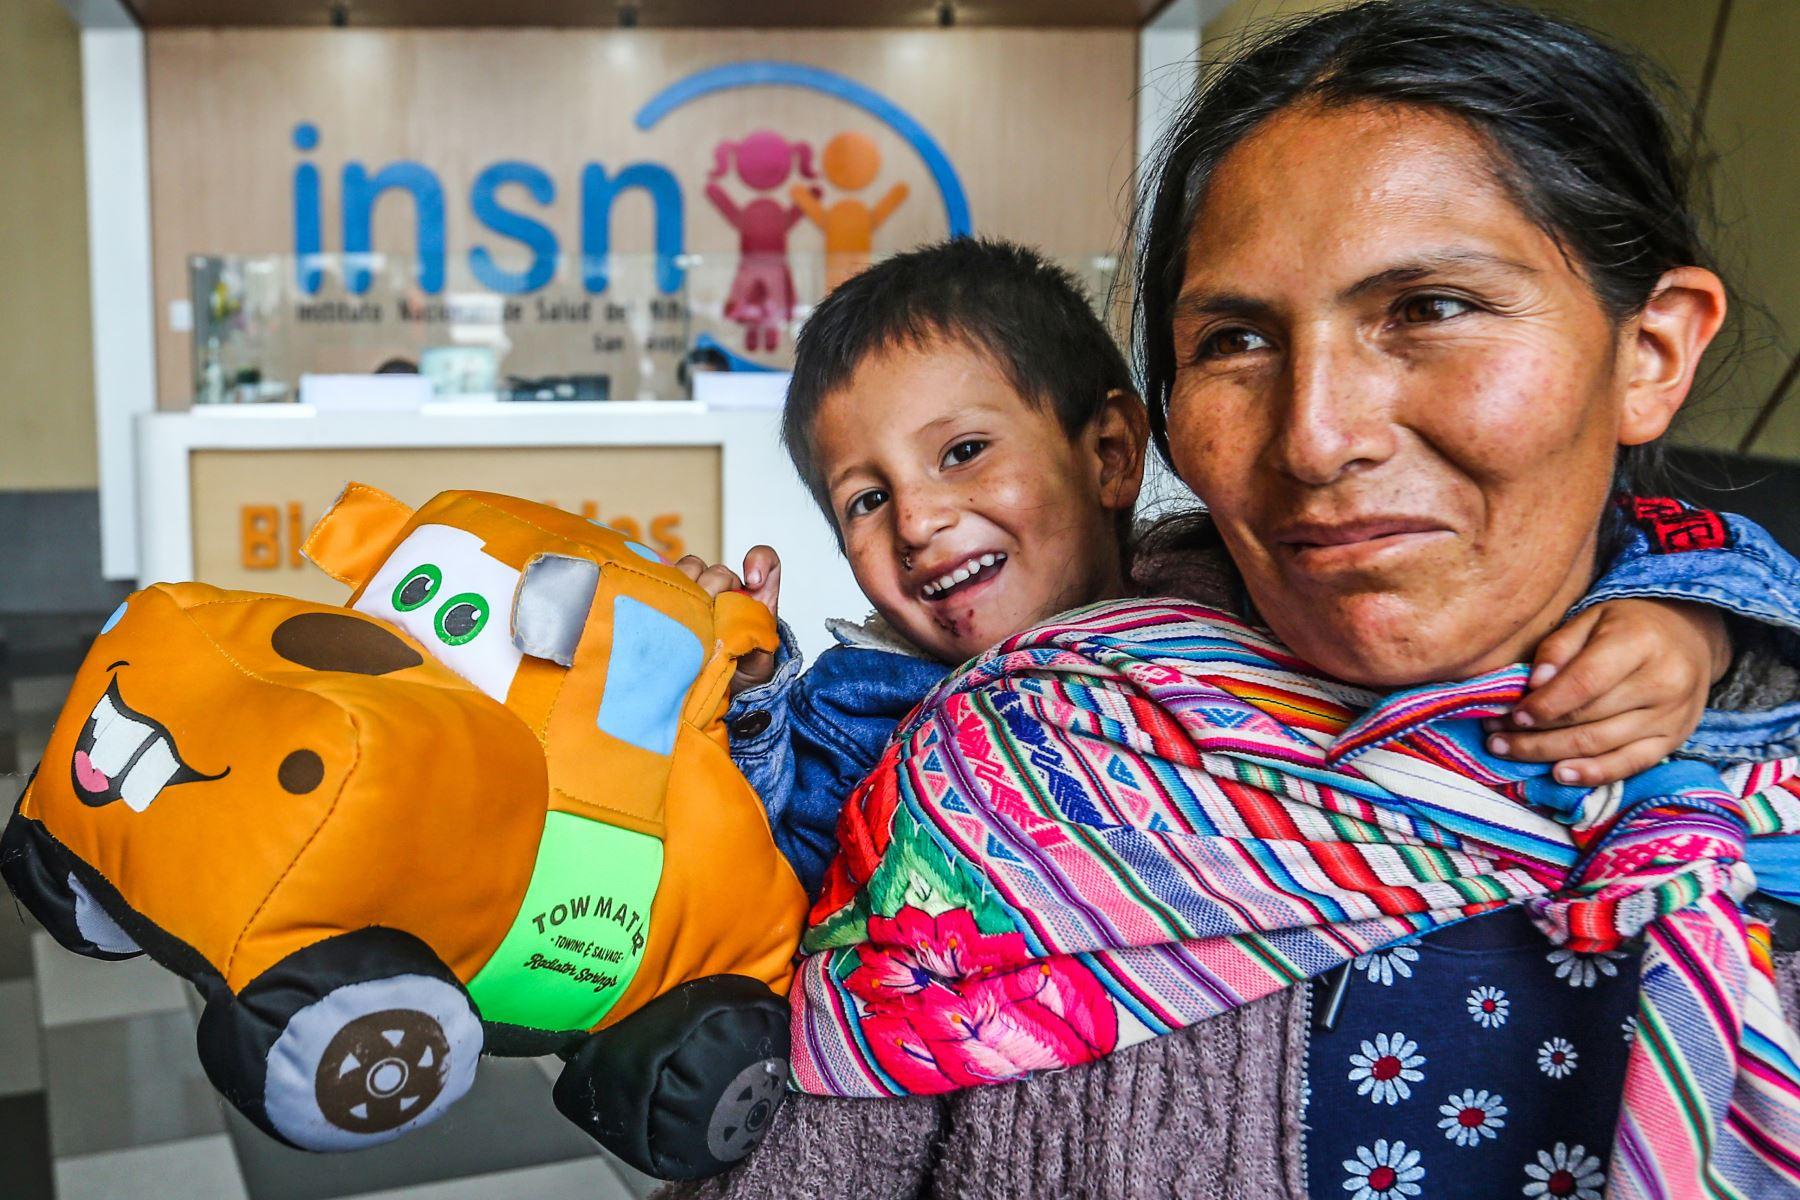 El Instituto de Salud del Niño de San Borja impulsa buena práctica de atención para pacientes y sus familiares que hablan lenguas originarias. ANDINA/Héctor Vinces